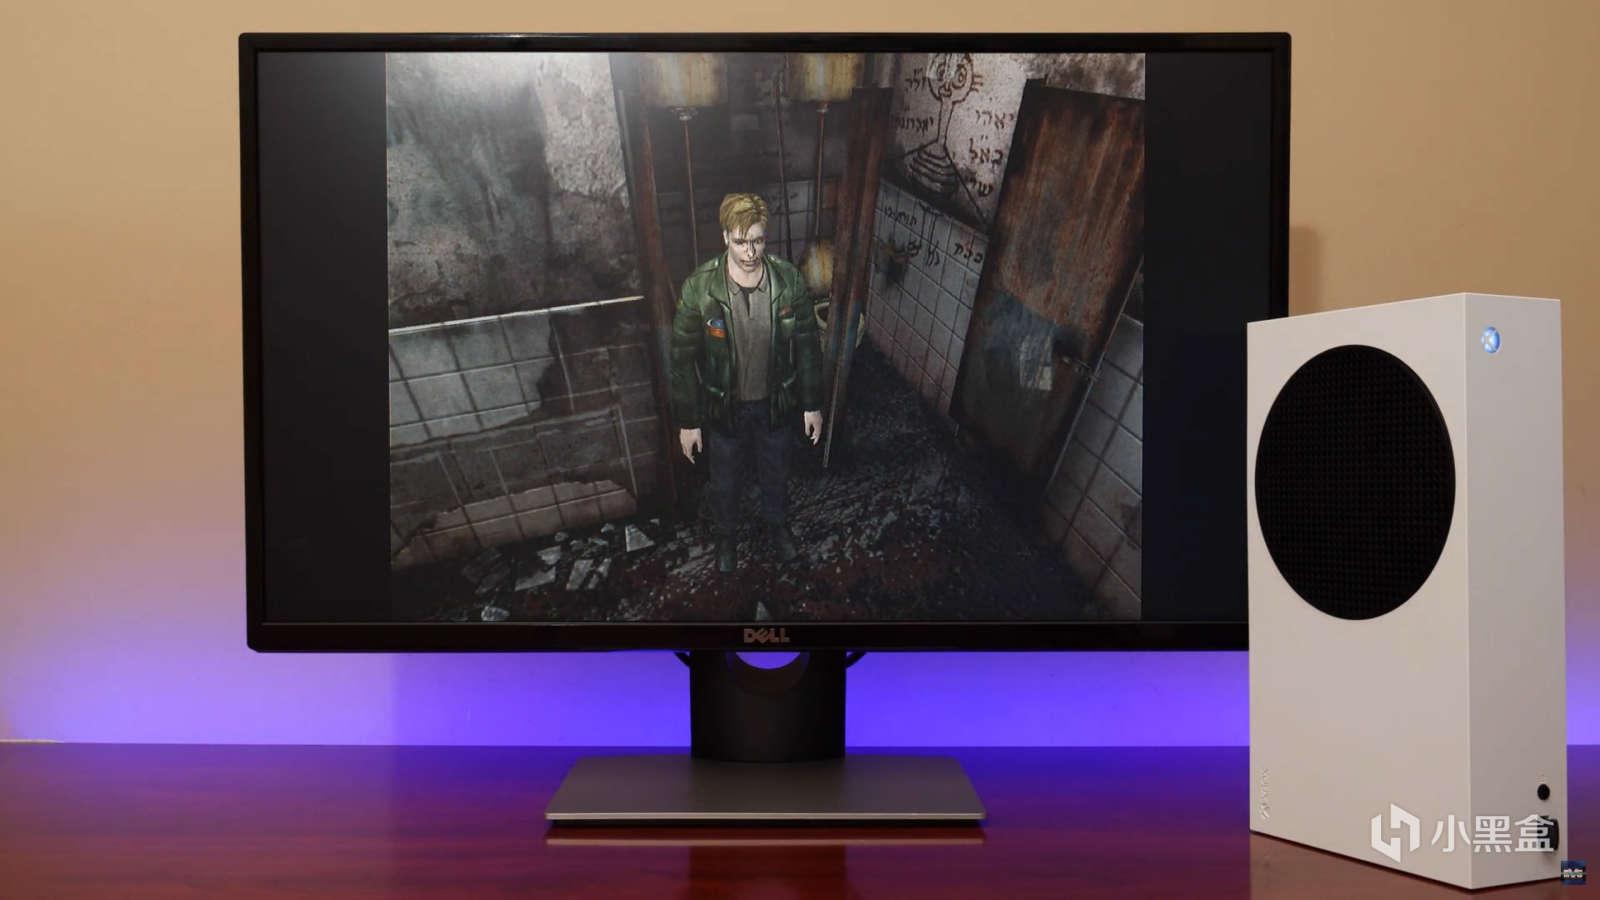 玩家在XSX上成功运行PS2模拟器